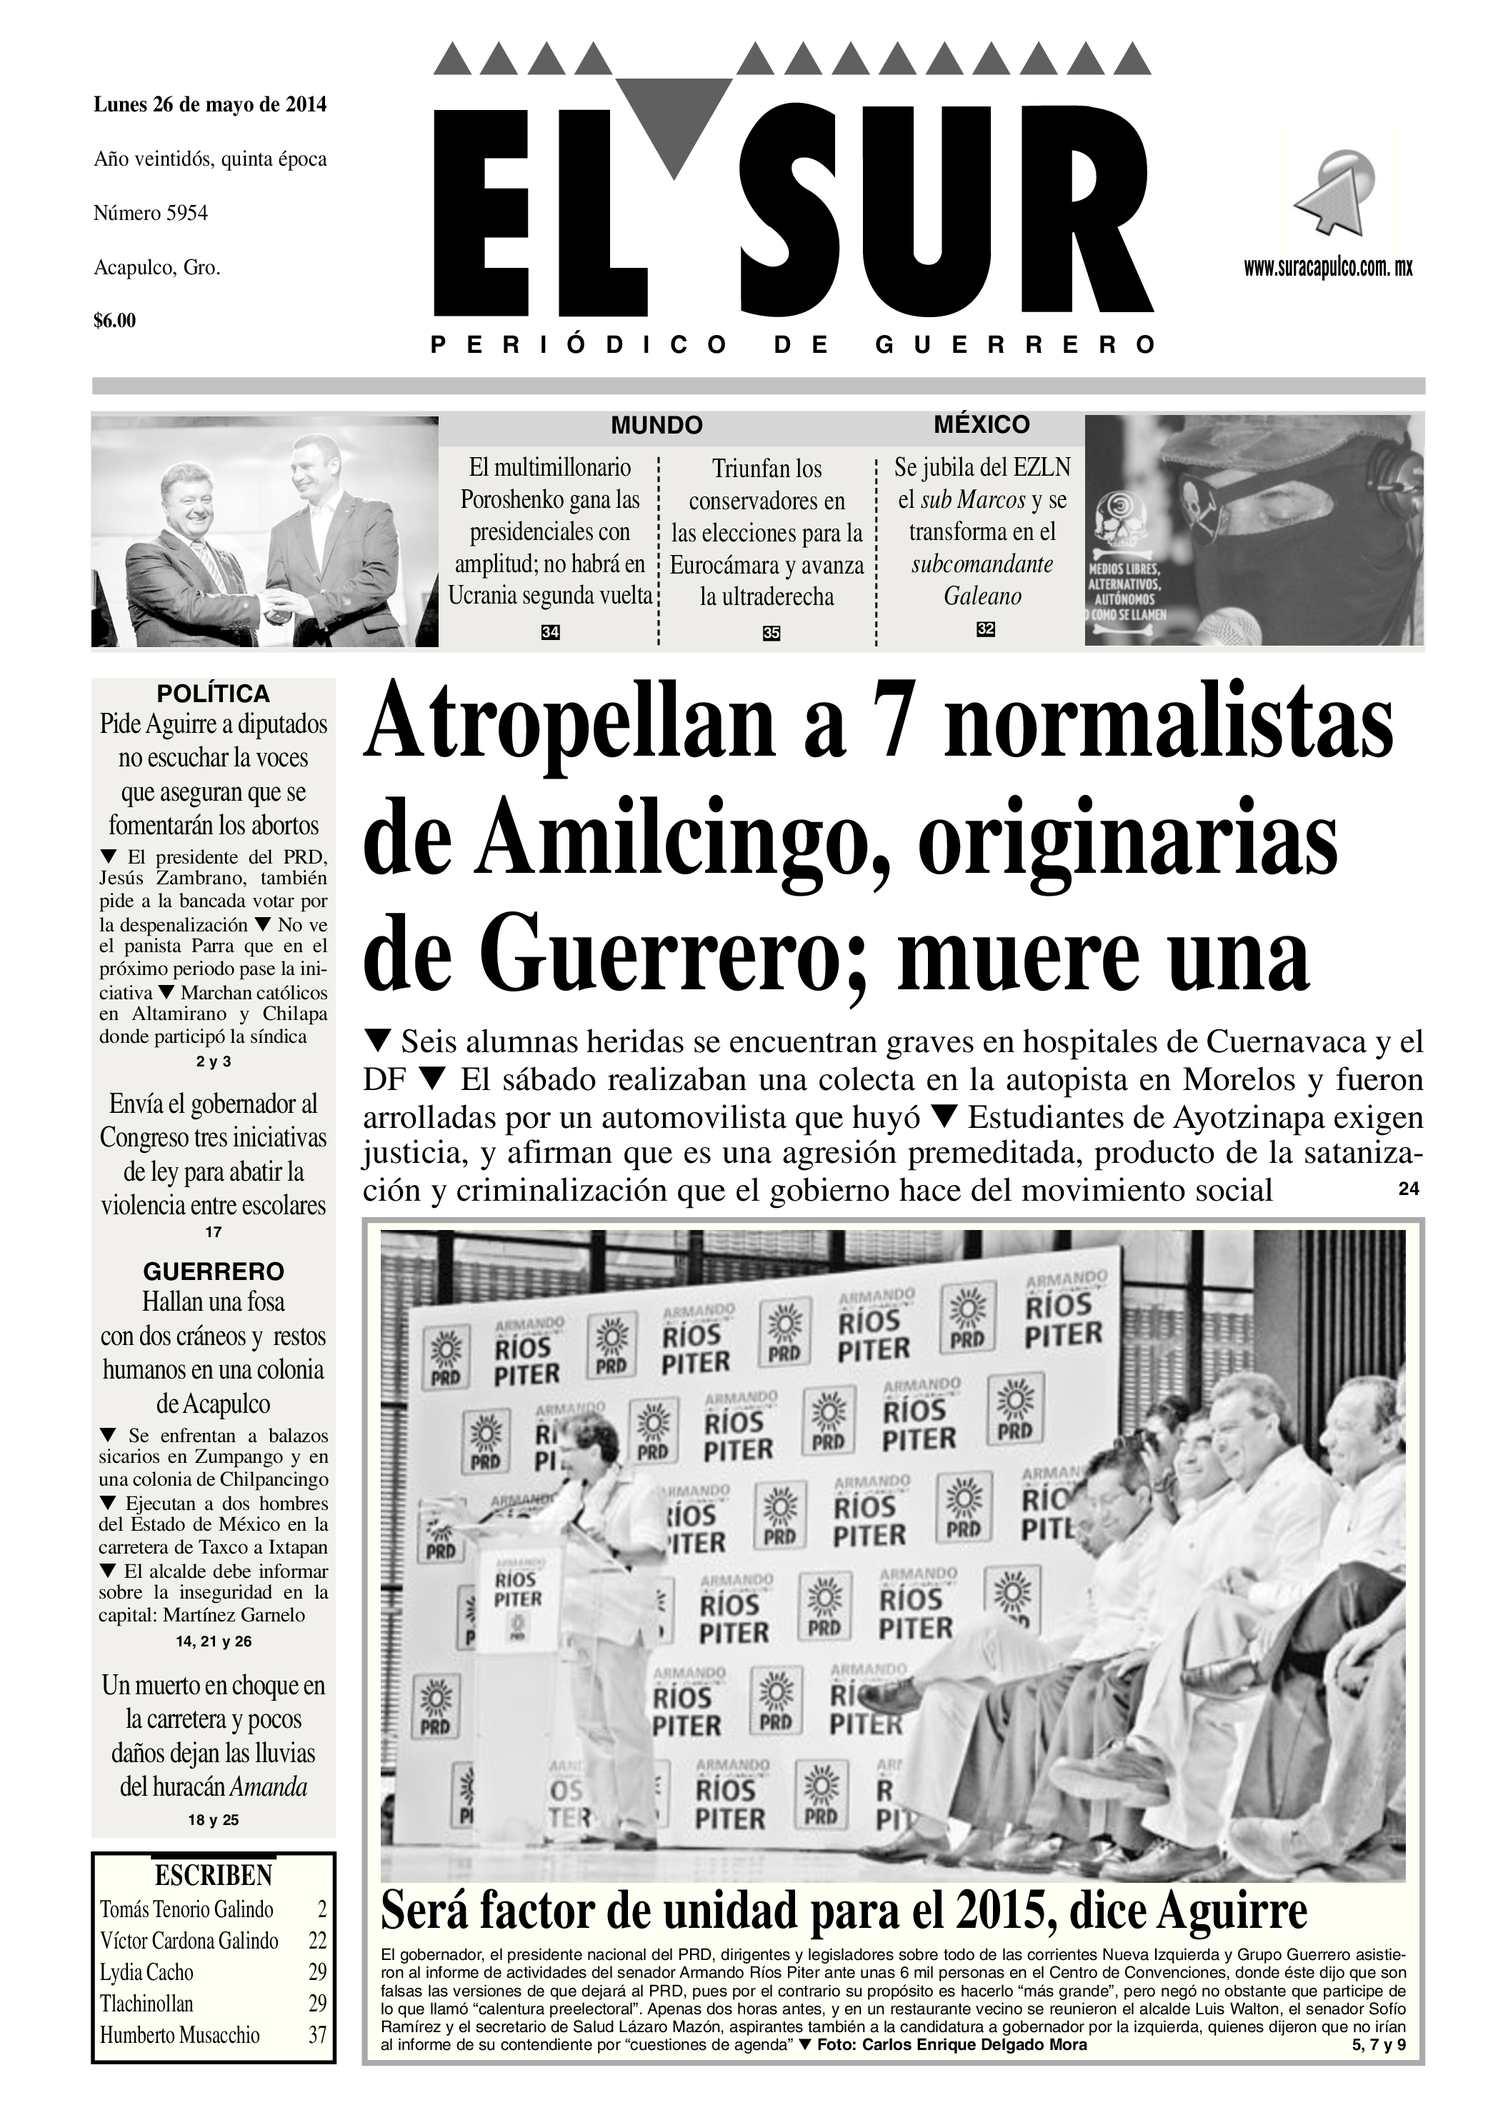 Calaméo - El Sur Lunes 26052014.pdf 0c972f65e45e